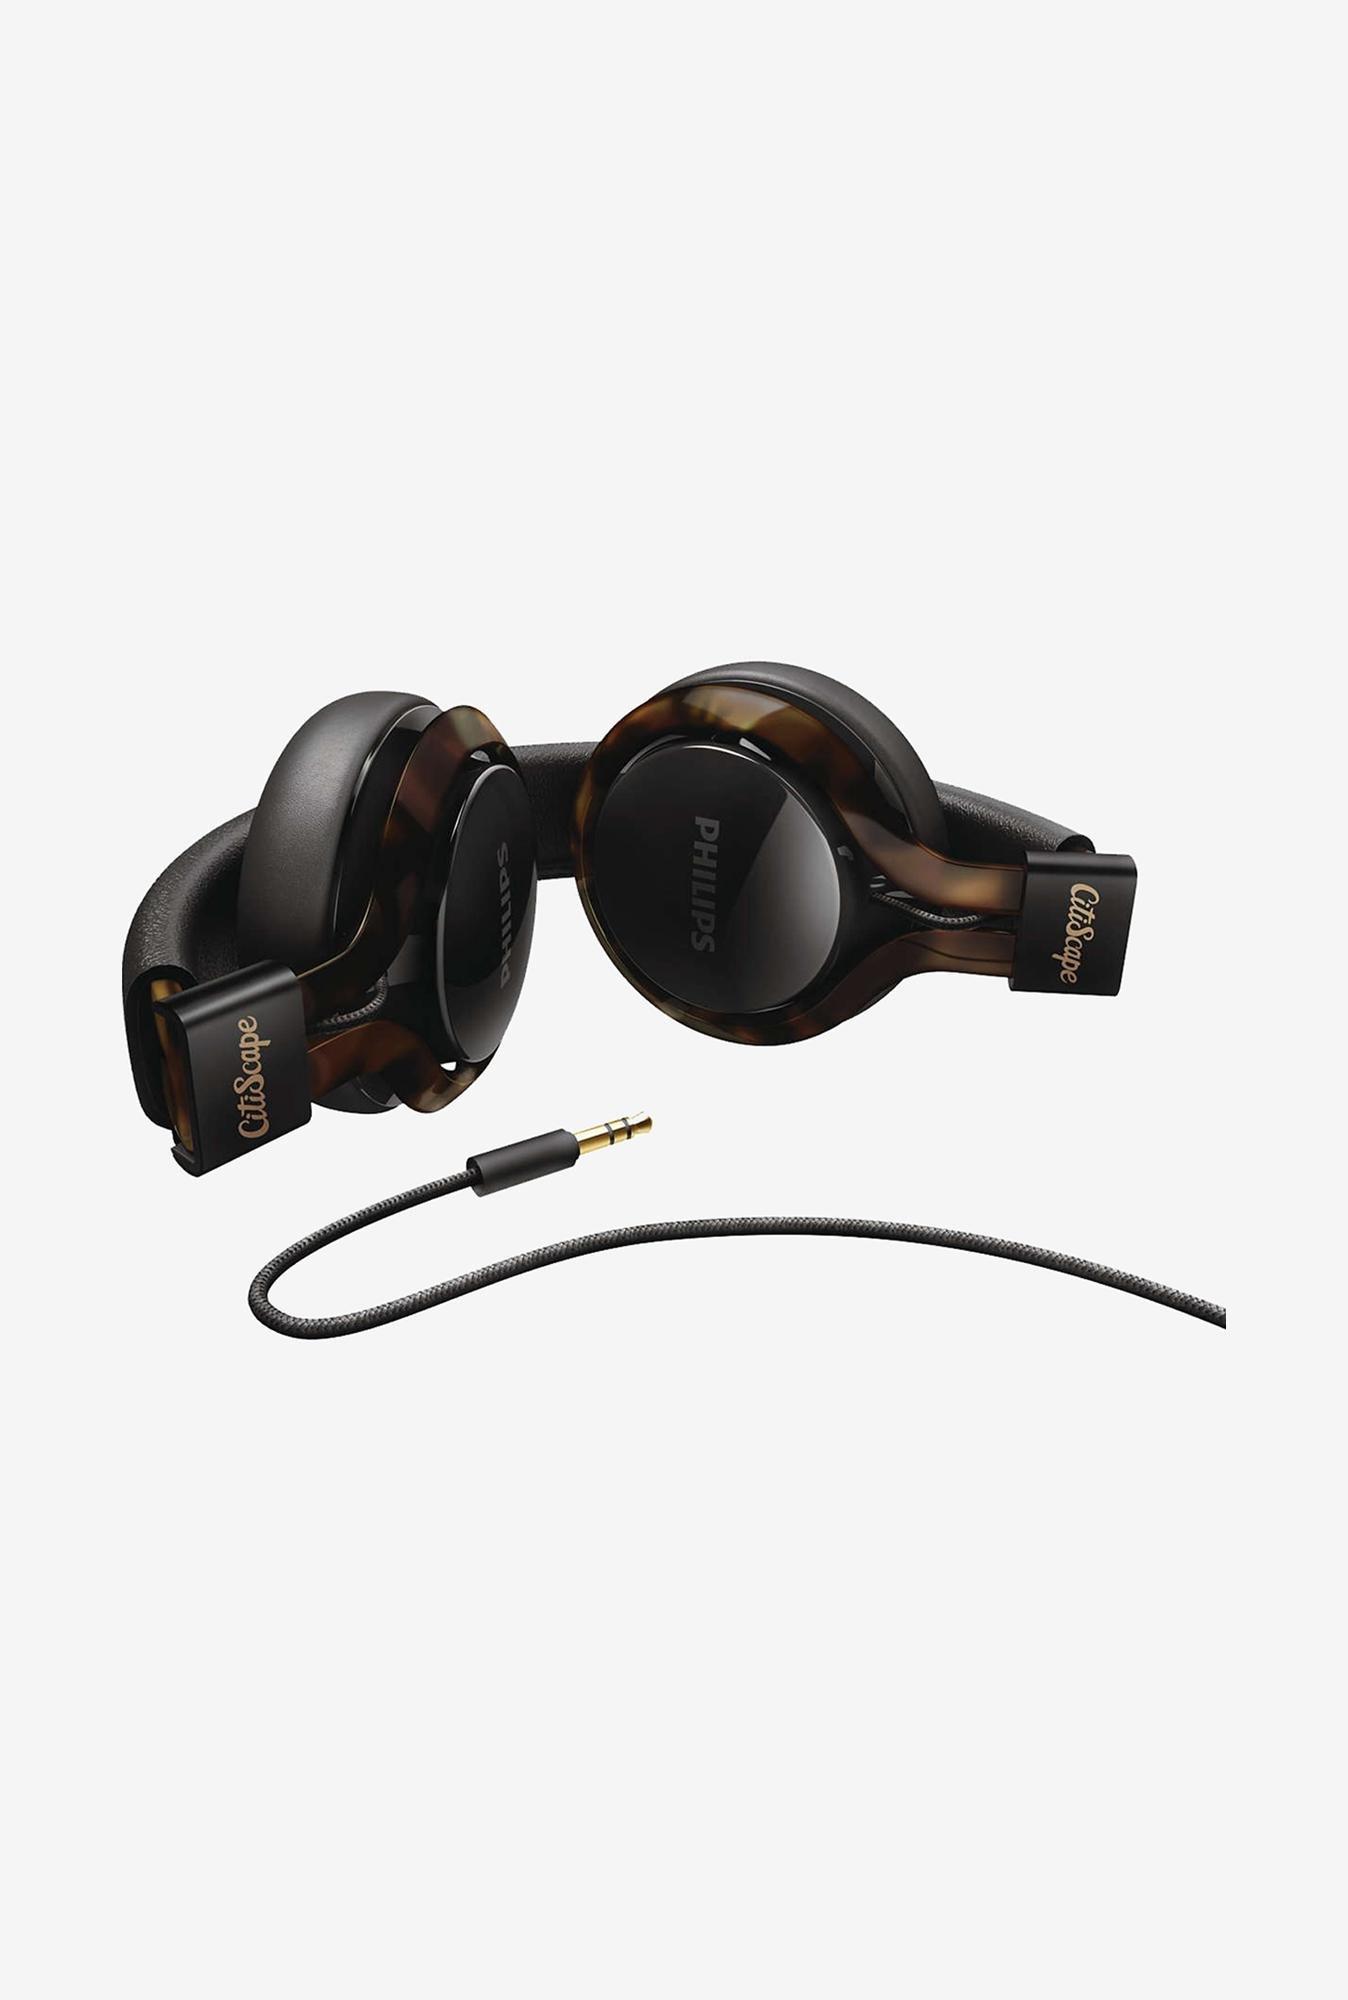 Philips SHL5705BKP/00 Headset